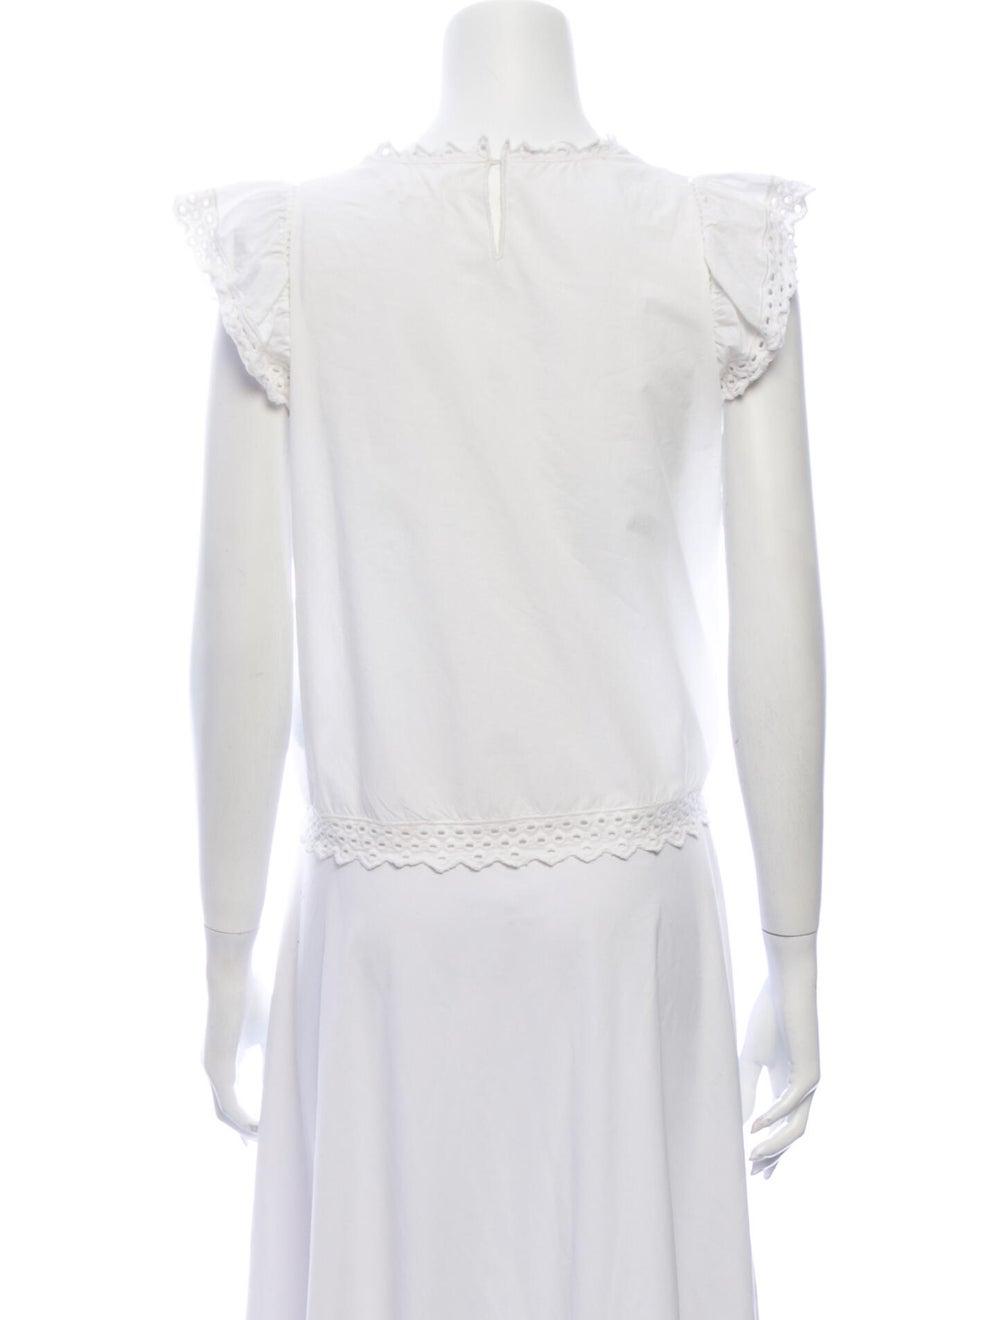 Isabel Marant Lace Pattern Crew Neck Blouse White - image 3